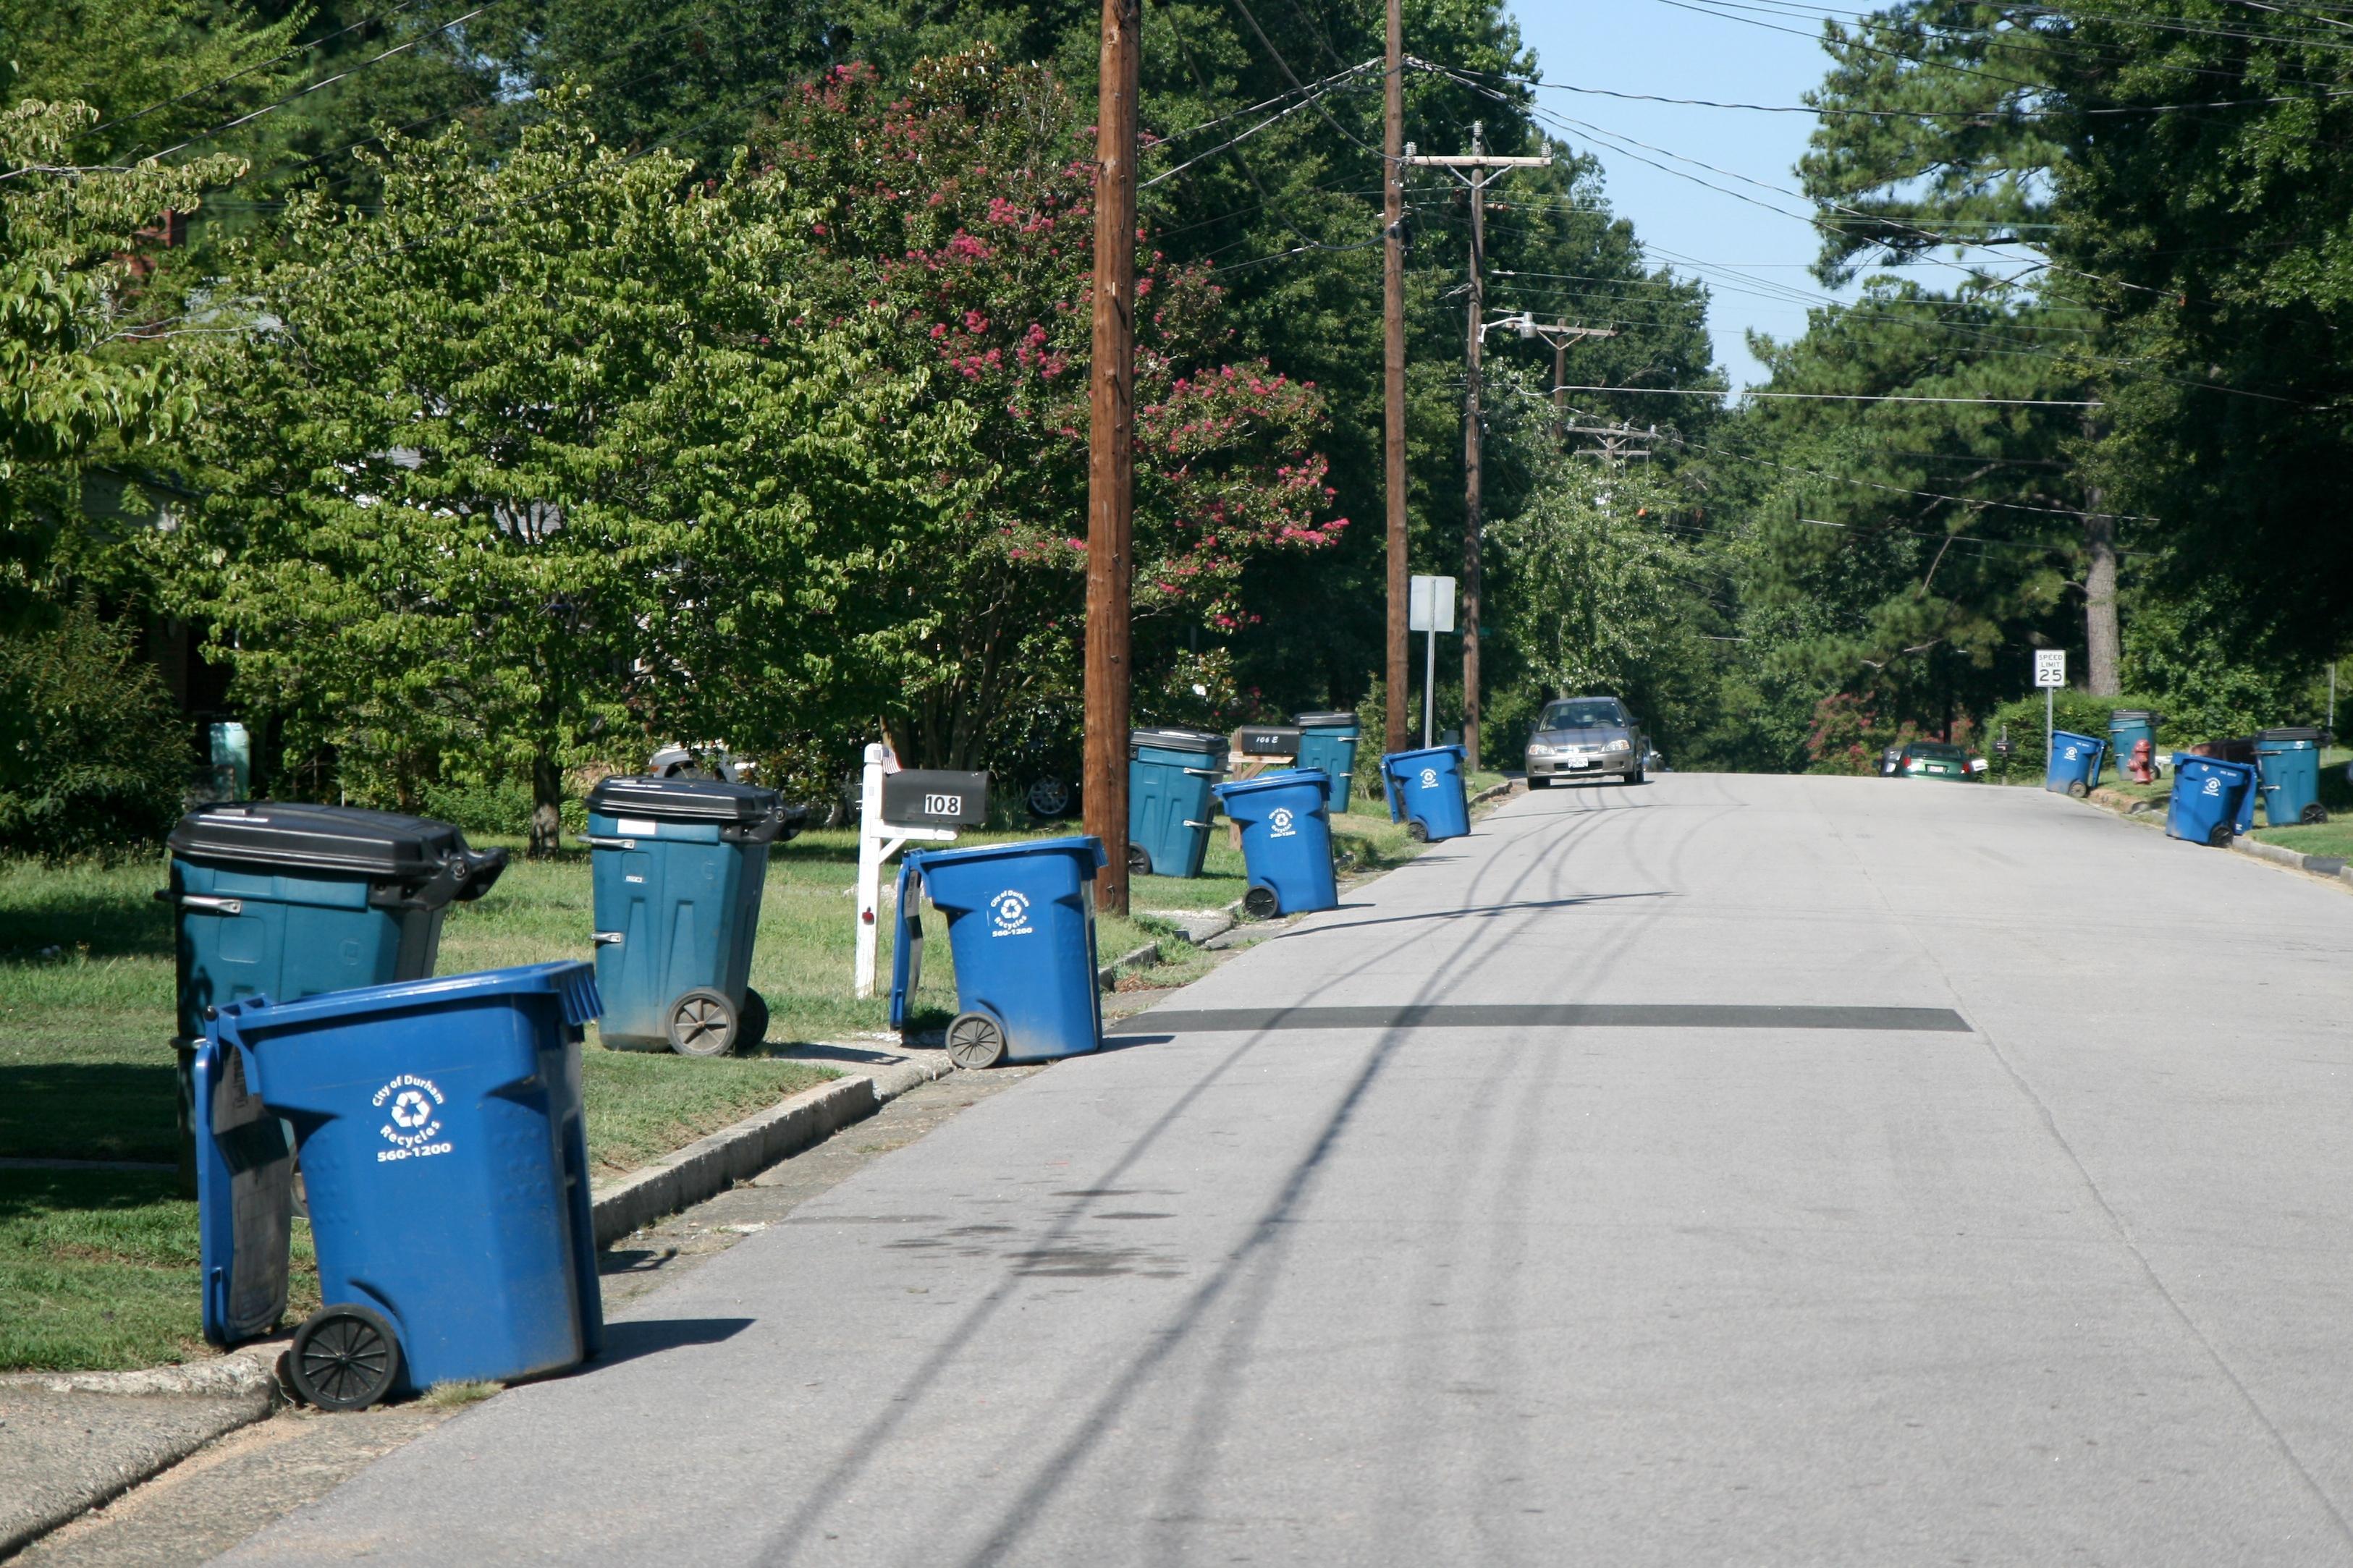 trash bins on curb along maynard ave in durham